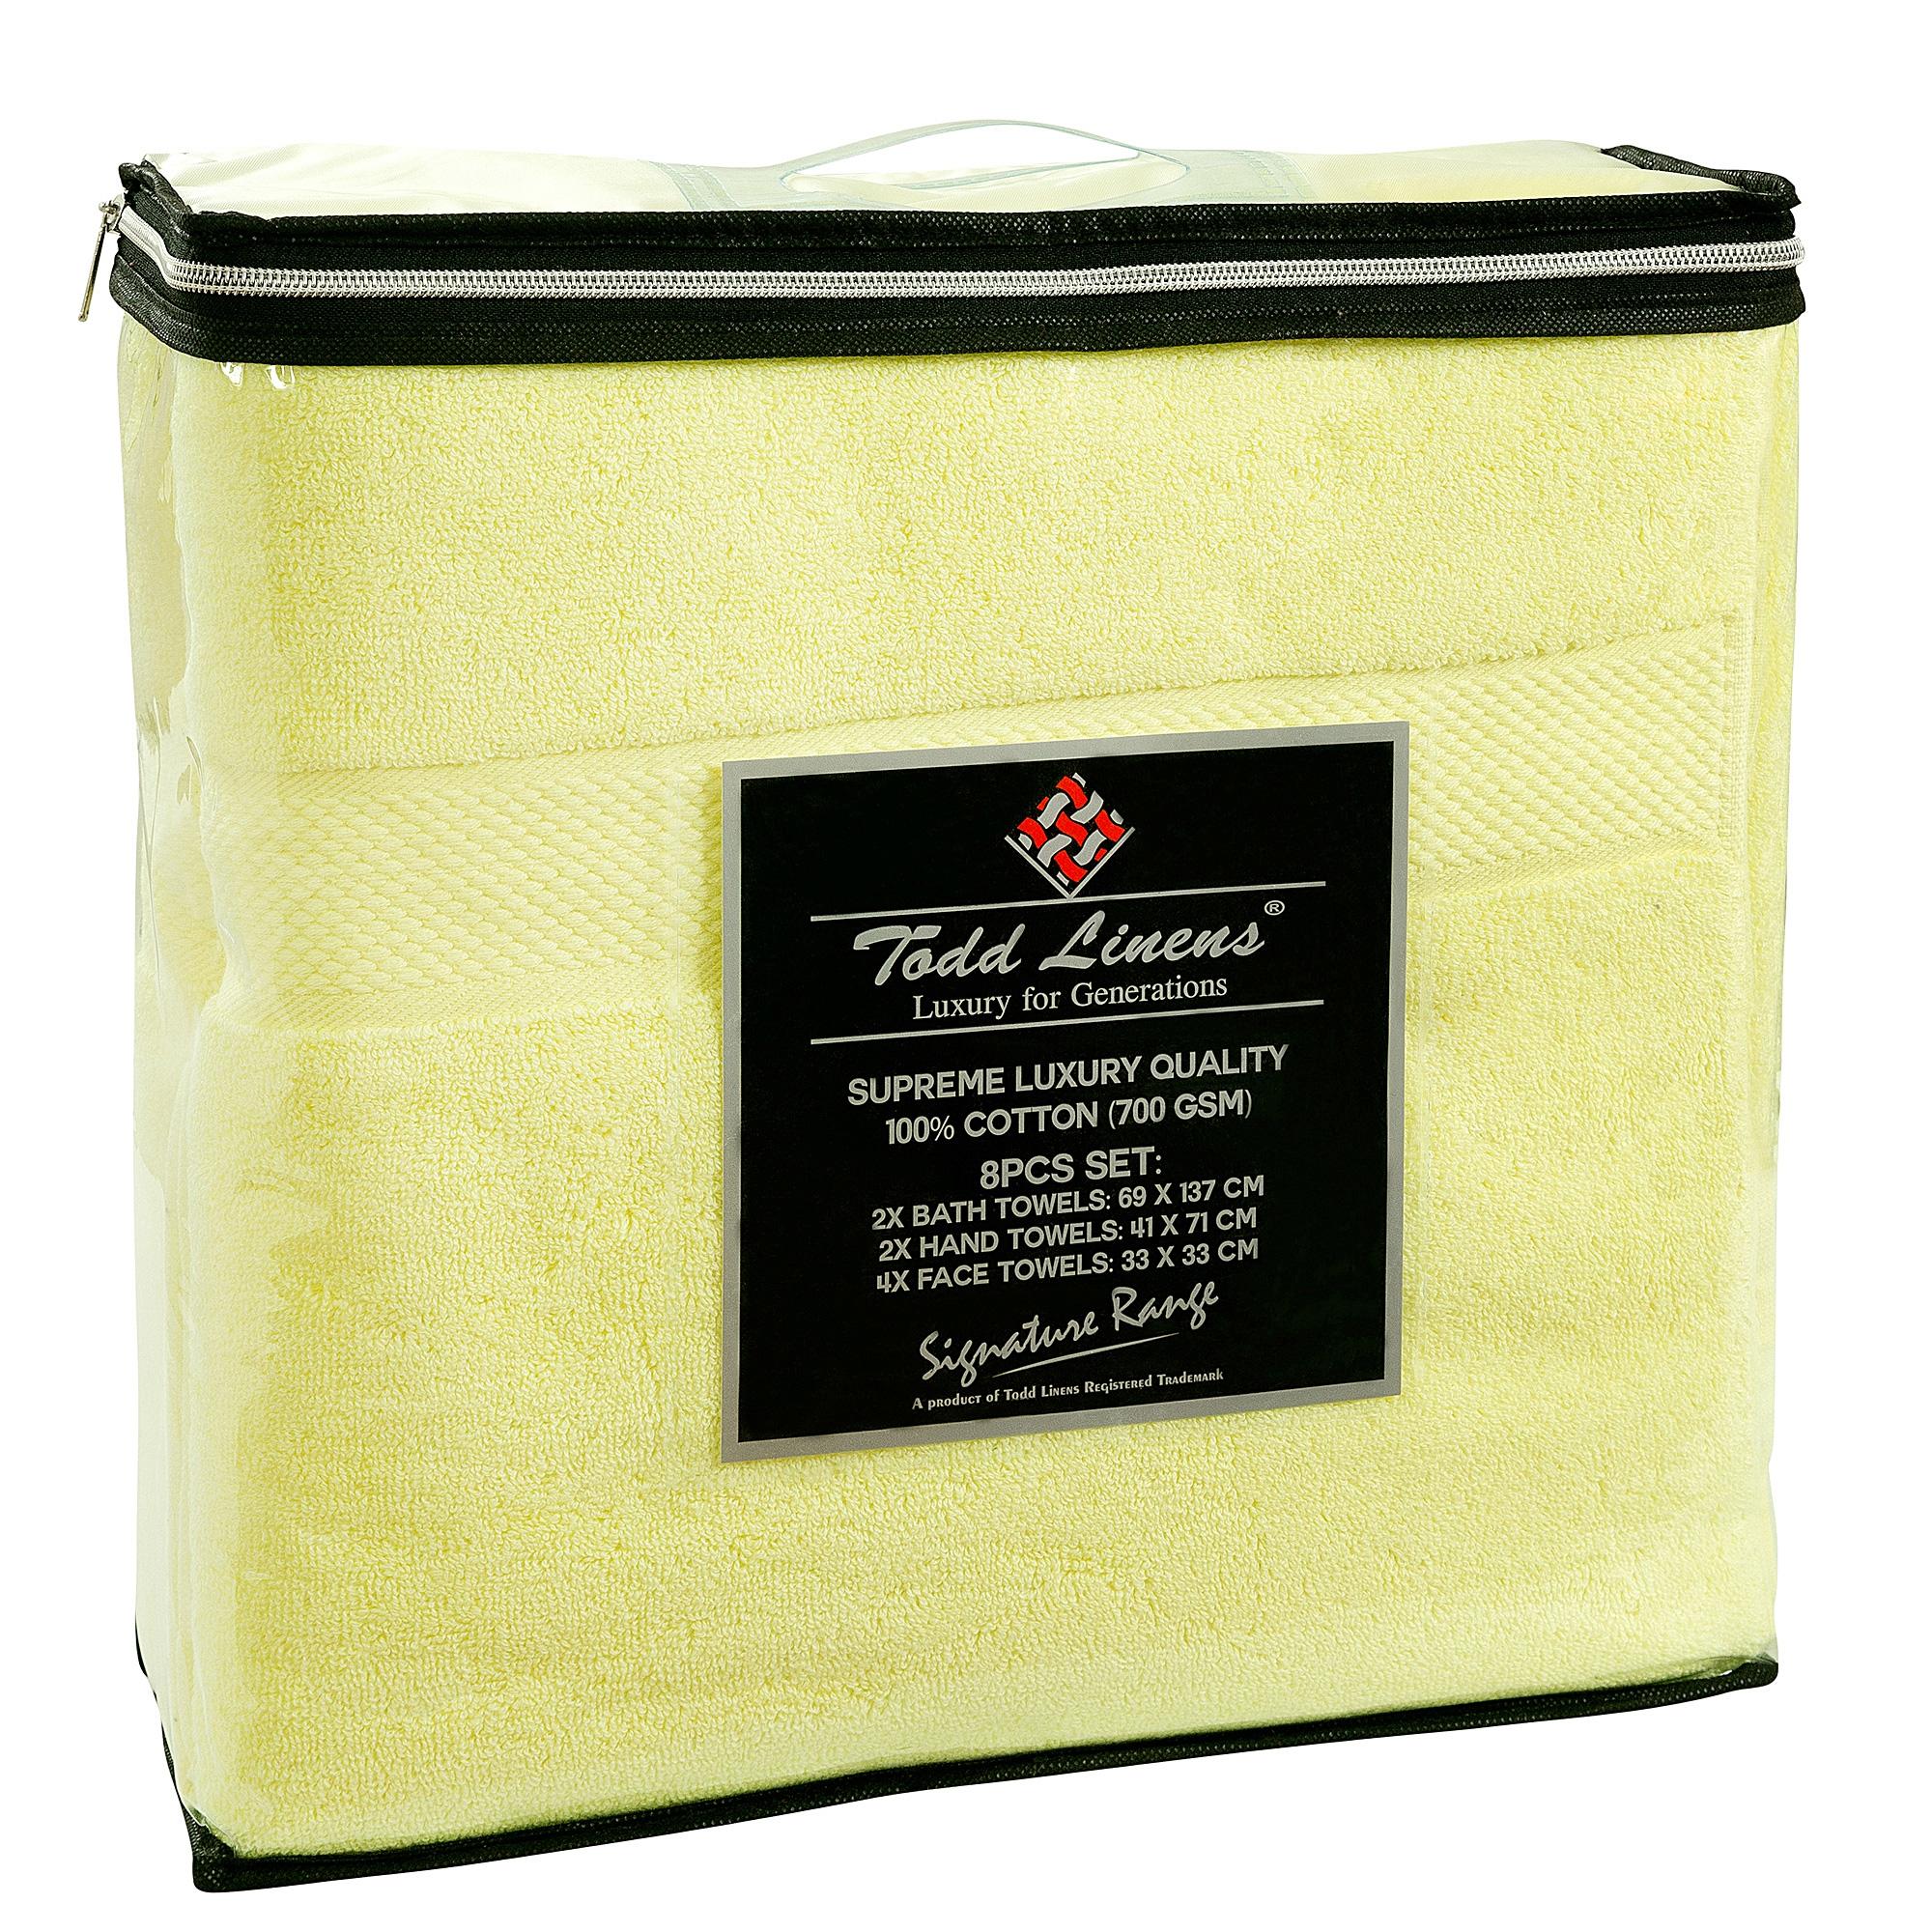 8pcs 700gsm Signature Range Lemon Plain 8 Pieces Bale Set Towel